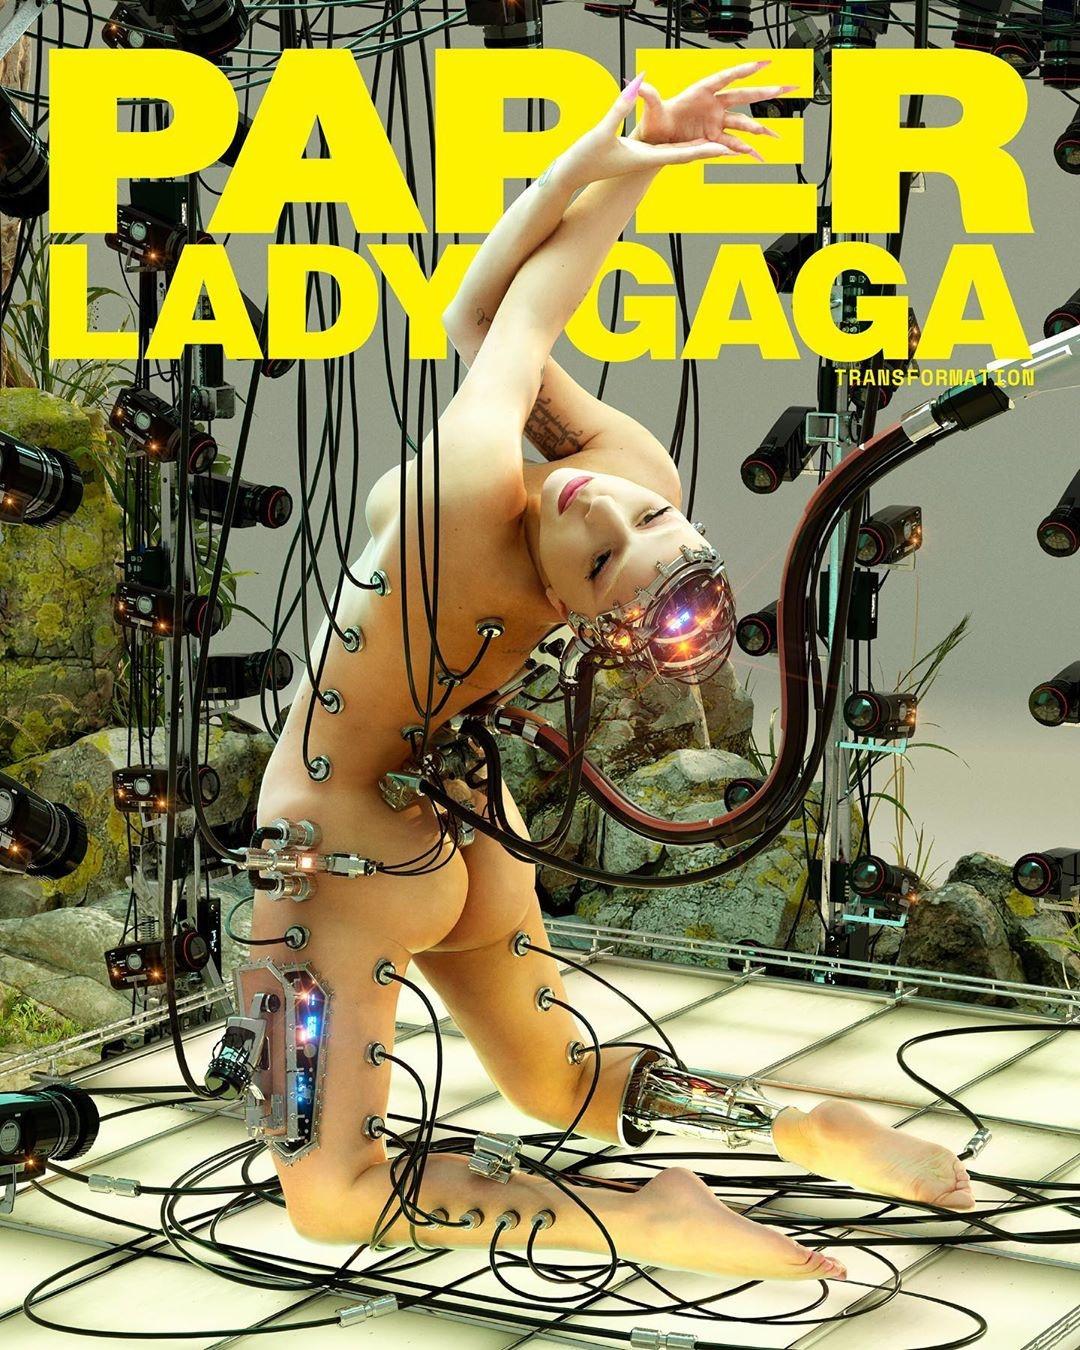 Обнаженная Леди Гага в эпатажной фотосессии для Paper (ФОТО) - фото №1